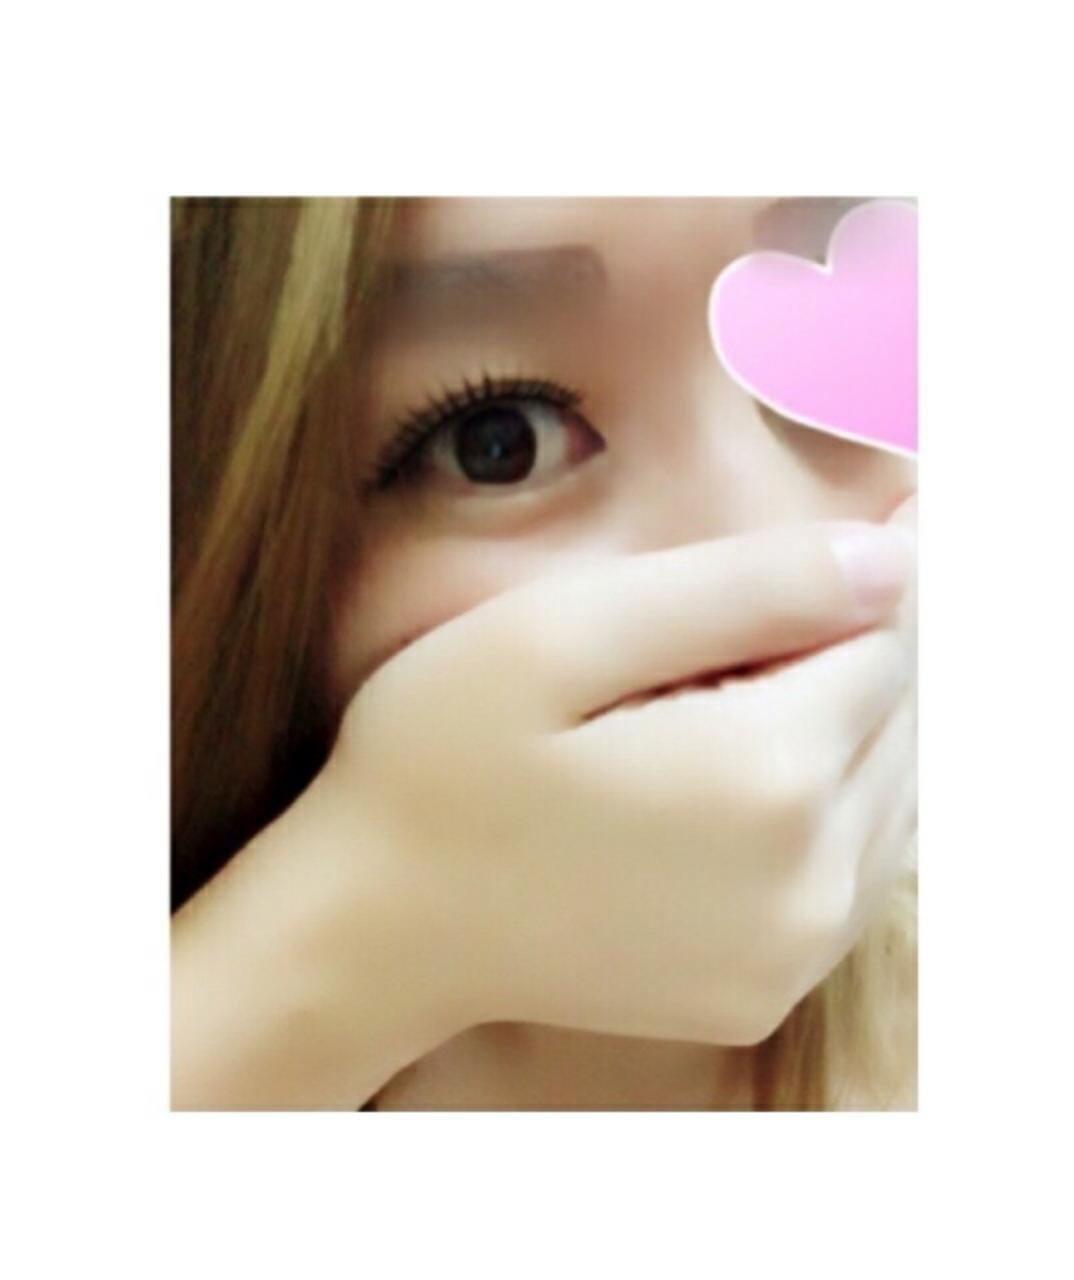 「こんにちわ」10/23(火) 10:35 | さきの写メ・風俗動画